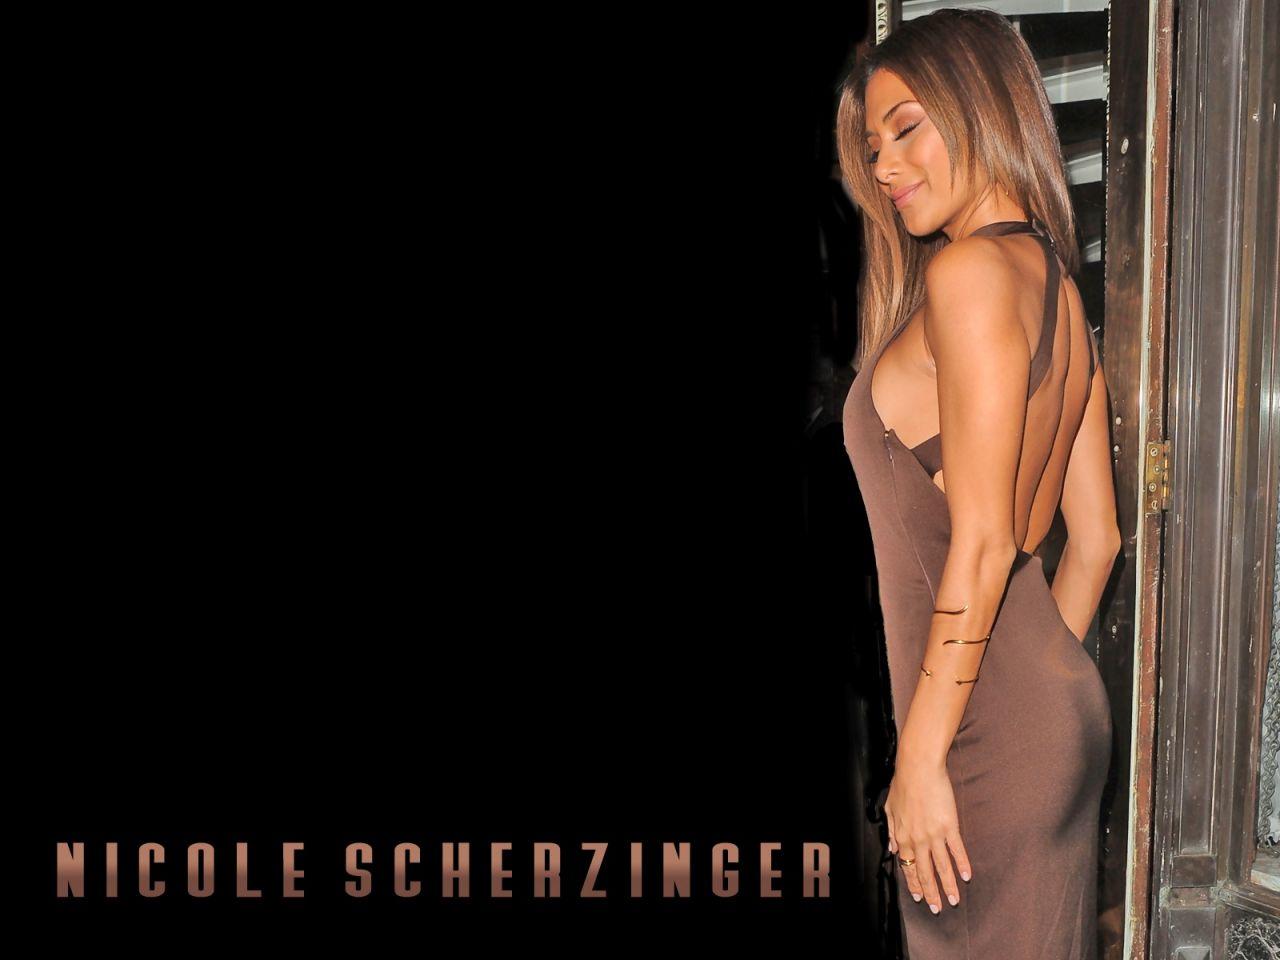 Nicole Scherzinger Wallpapers 15-1172